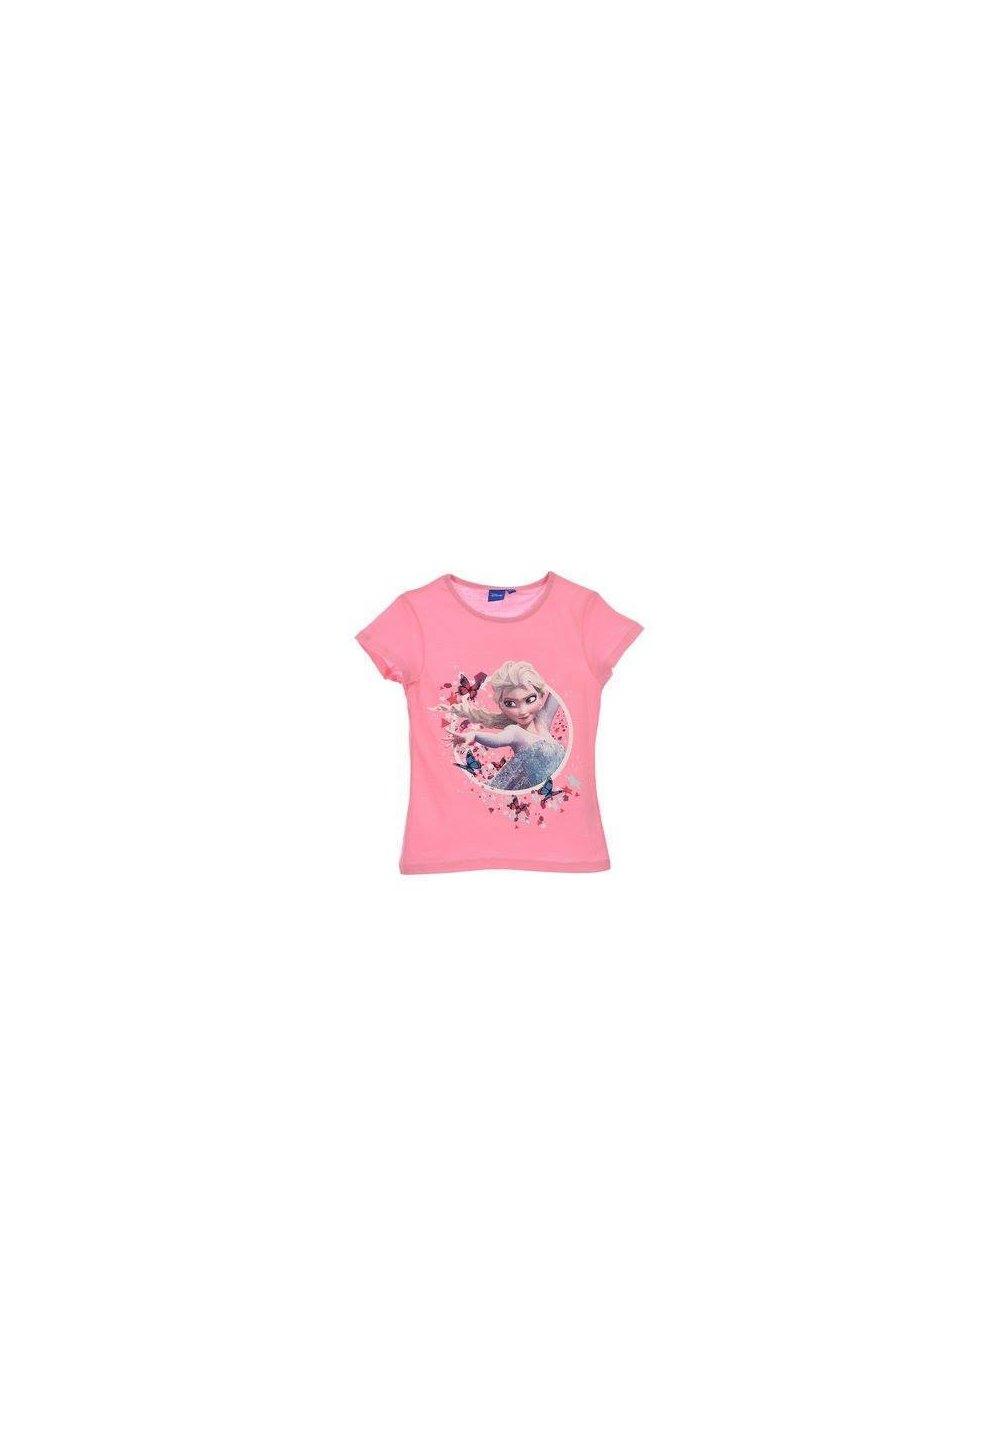 Tricou, roz cu fluturi, Elsa imagine